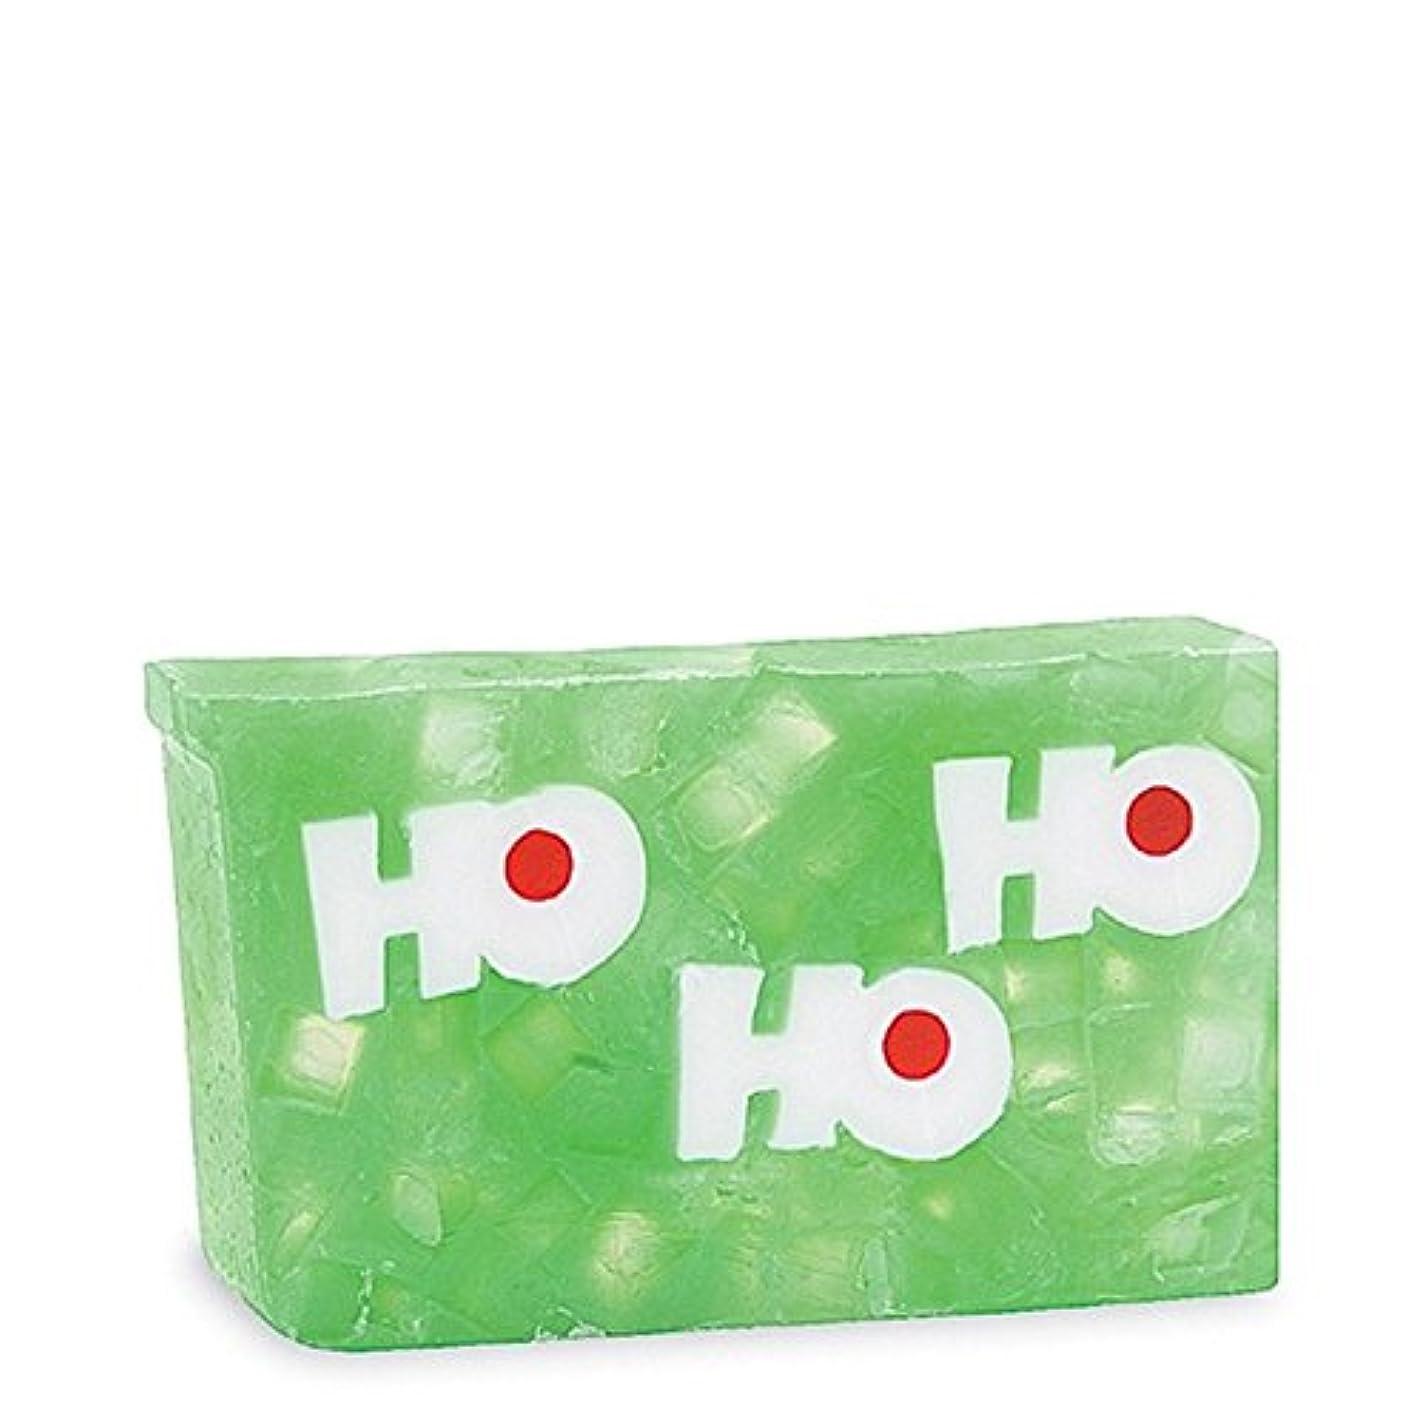 お酒赤外線荒廃するPrimal Elements Ho Ho Ho Soap - 原初の要素ホーホーホ石鹸 [並行輸入品]